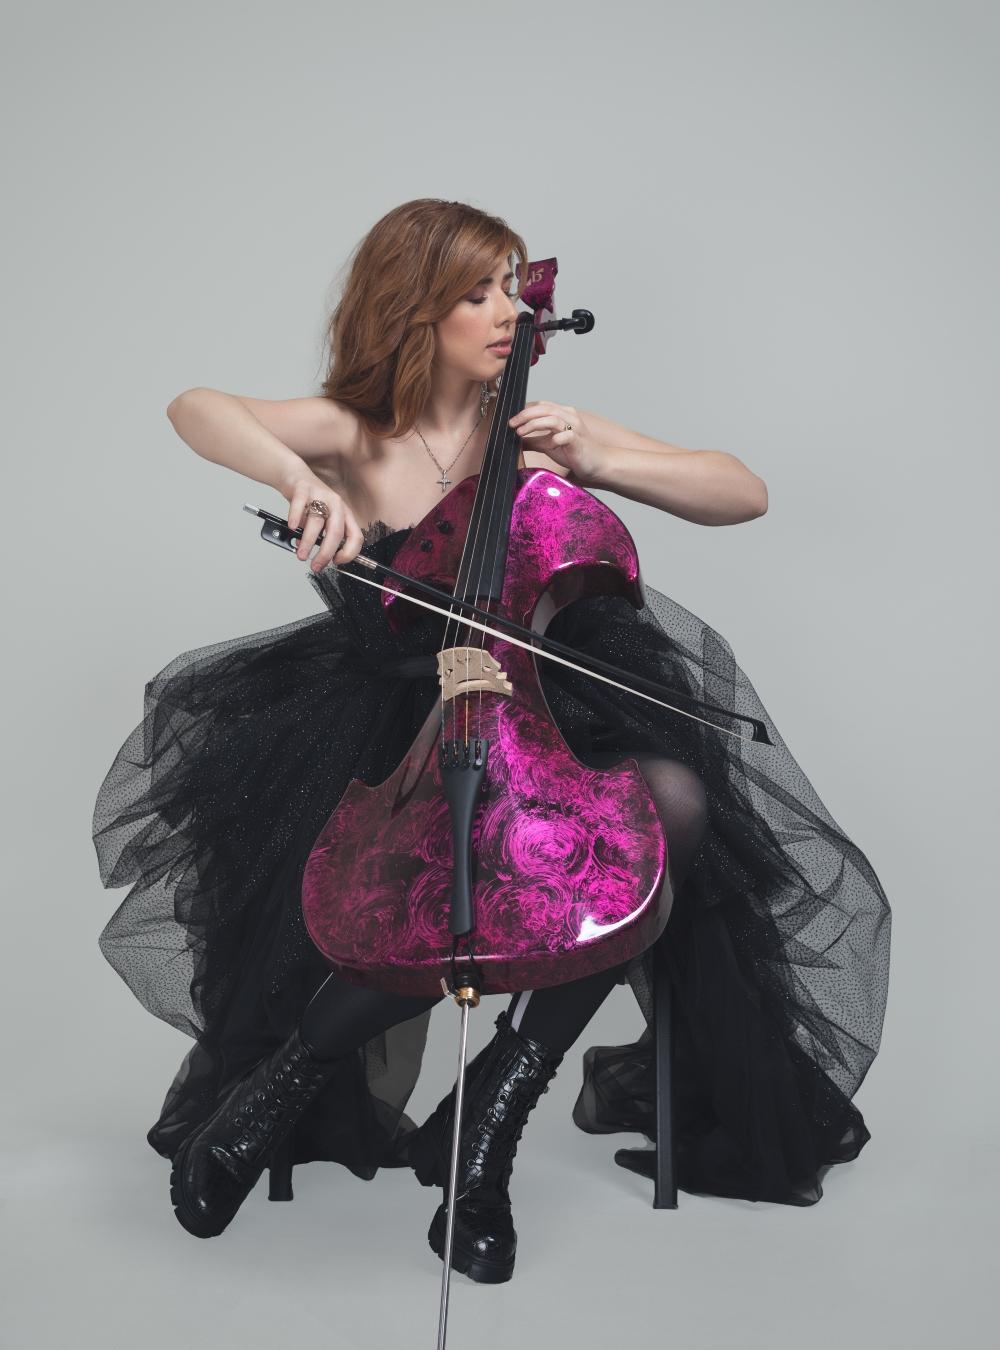 studio64 jela wannabe print 6 Jela Cello: Potraga za magičnim violončelom